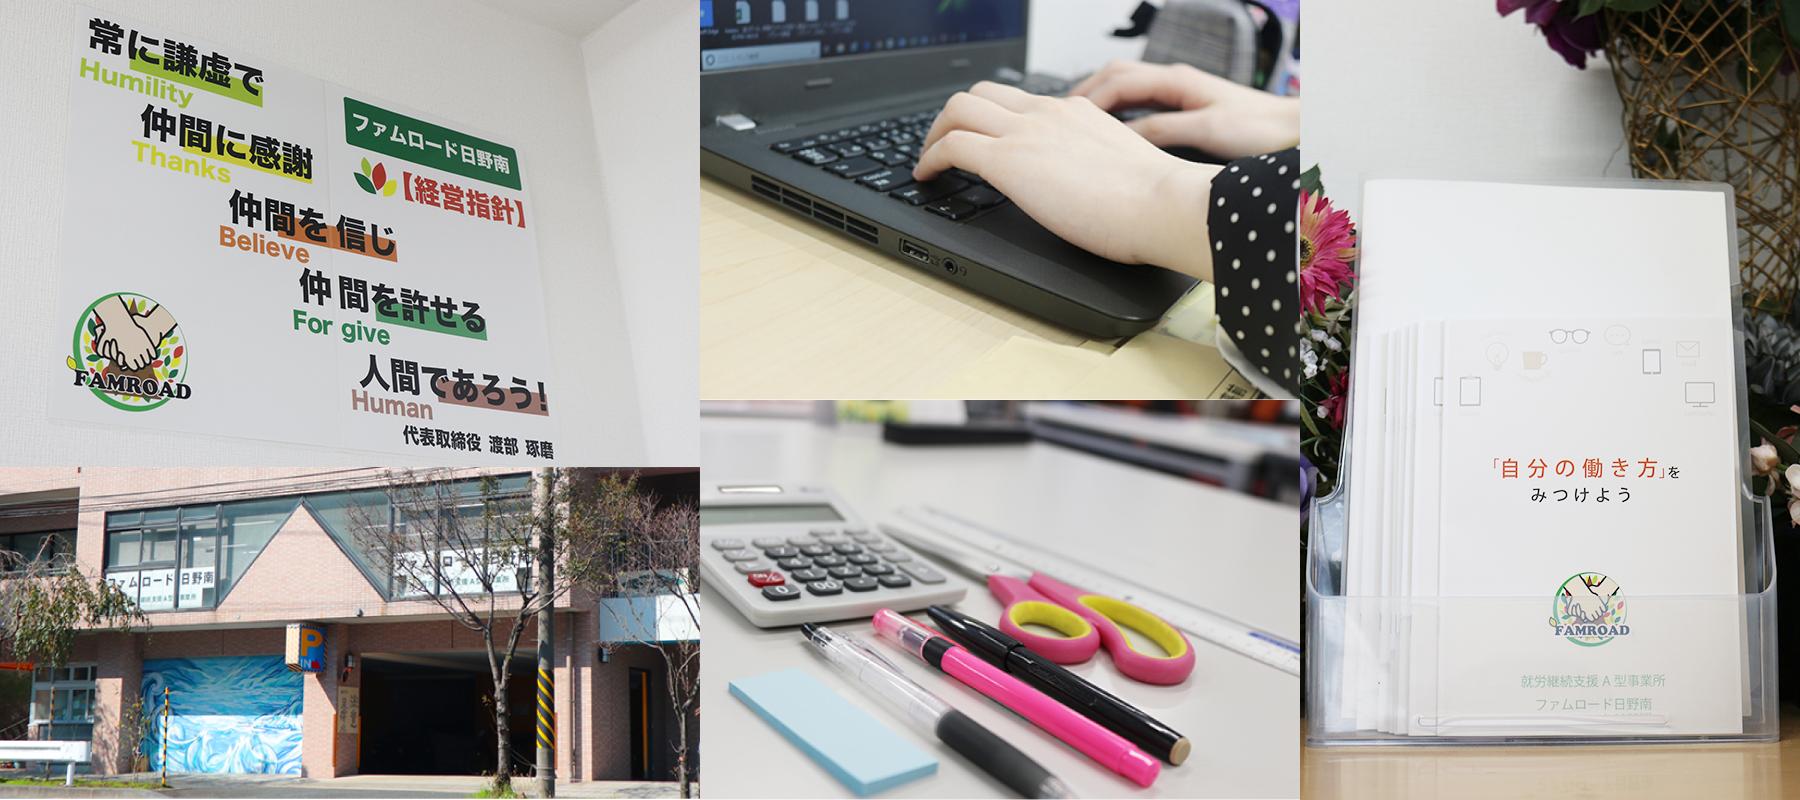 横浜市にある就労継続支援A型事業所を運営している株式会社ファムロードの外観